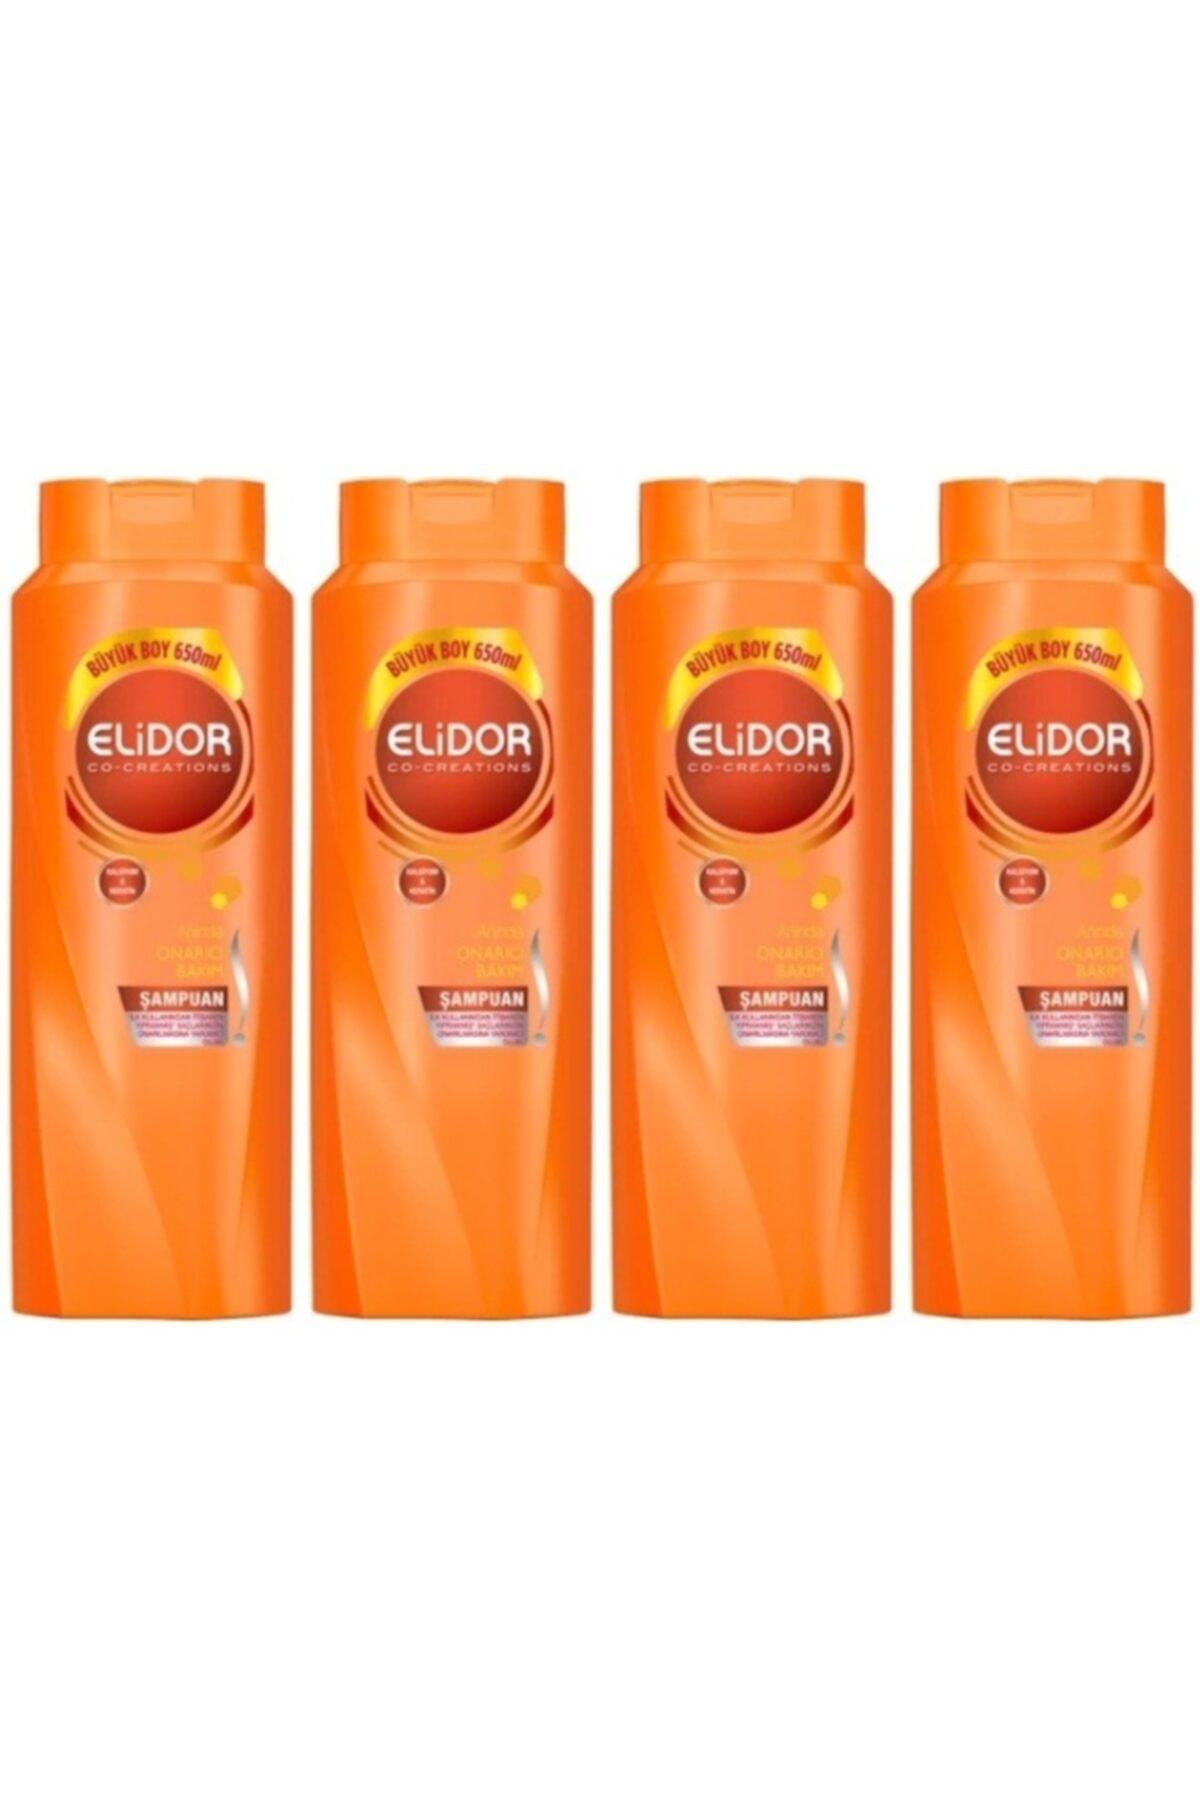 Elidor Anında Onarıcı Bakım Saç Bakım Şampuanı 650 ml 4 Adet 1